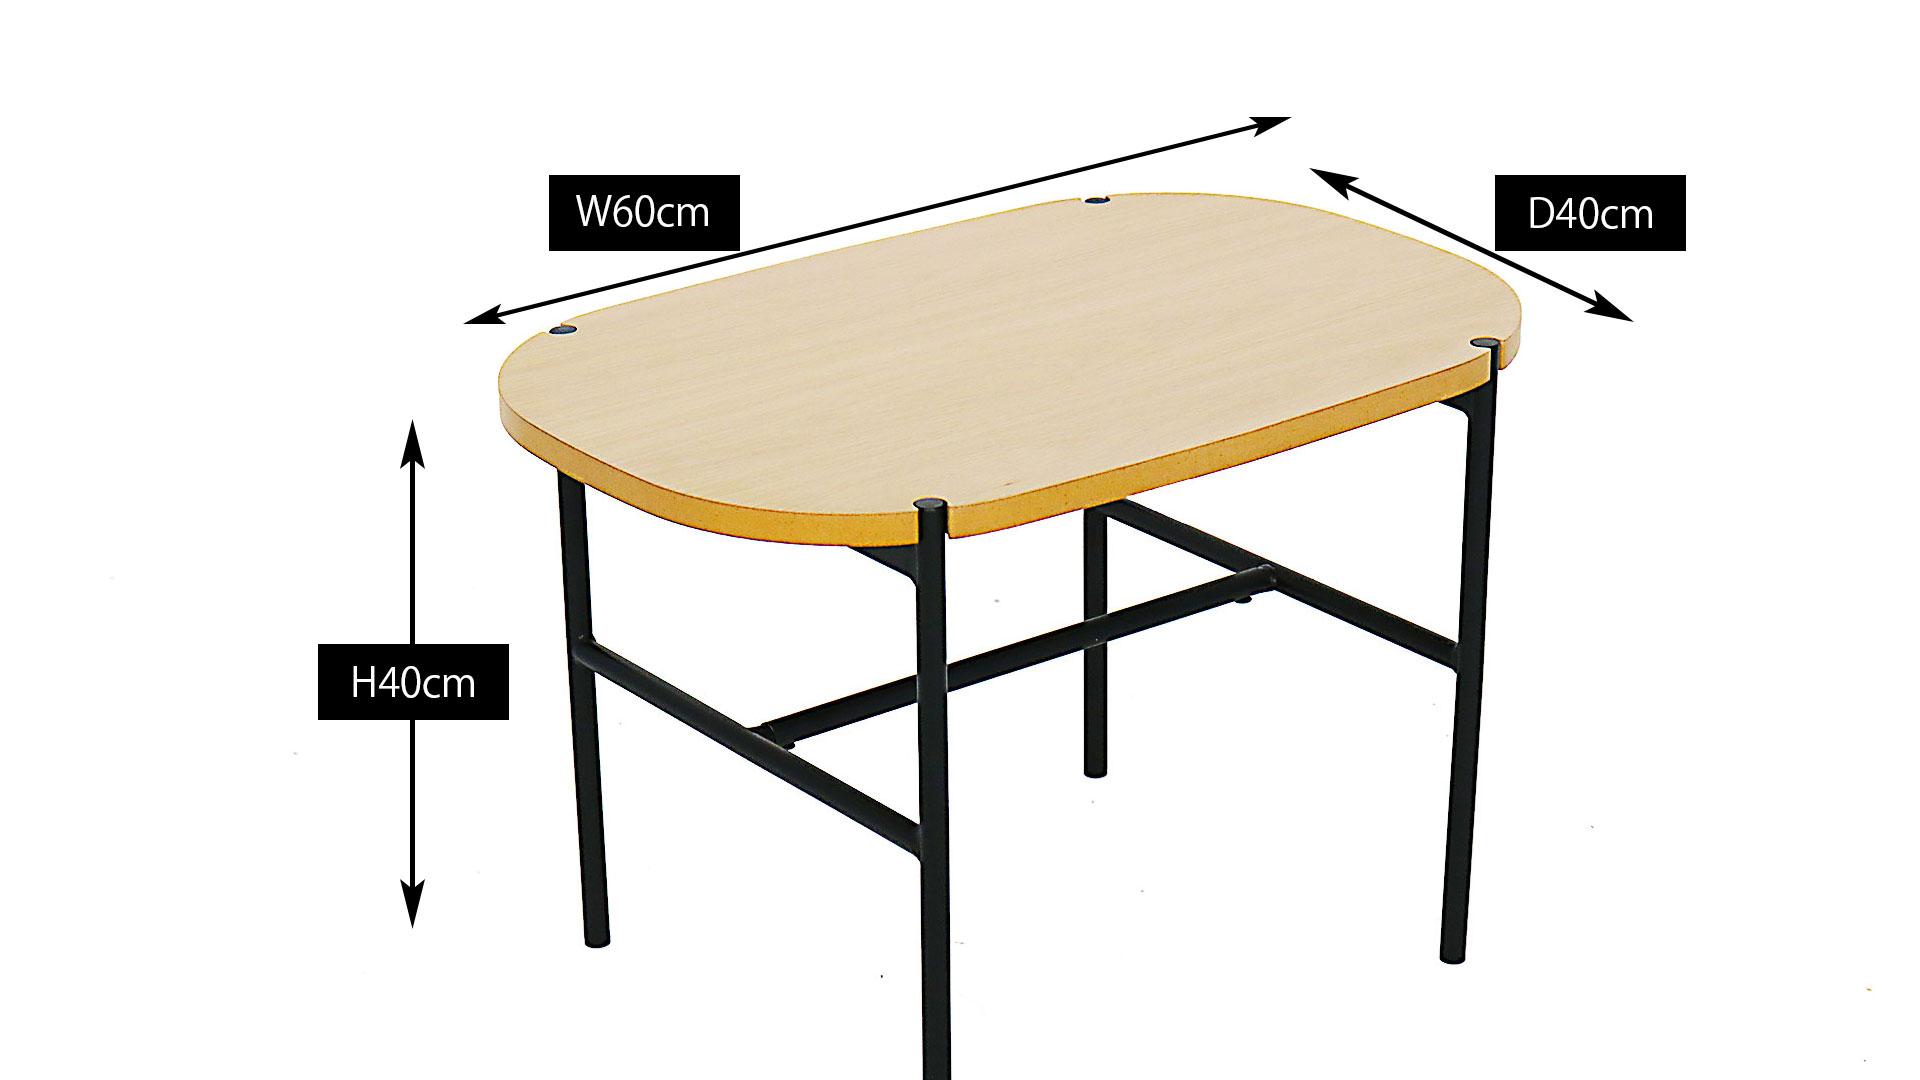 横幅60cmの北欧テーブル、カーラのサイズ